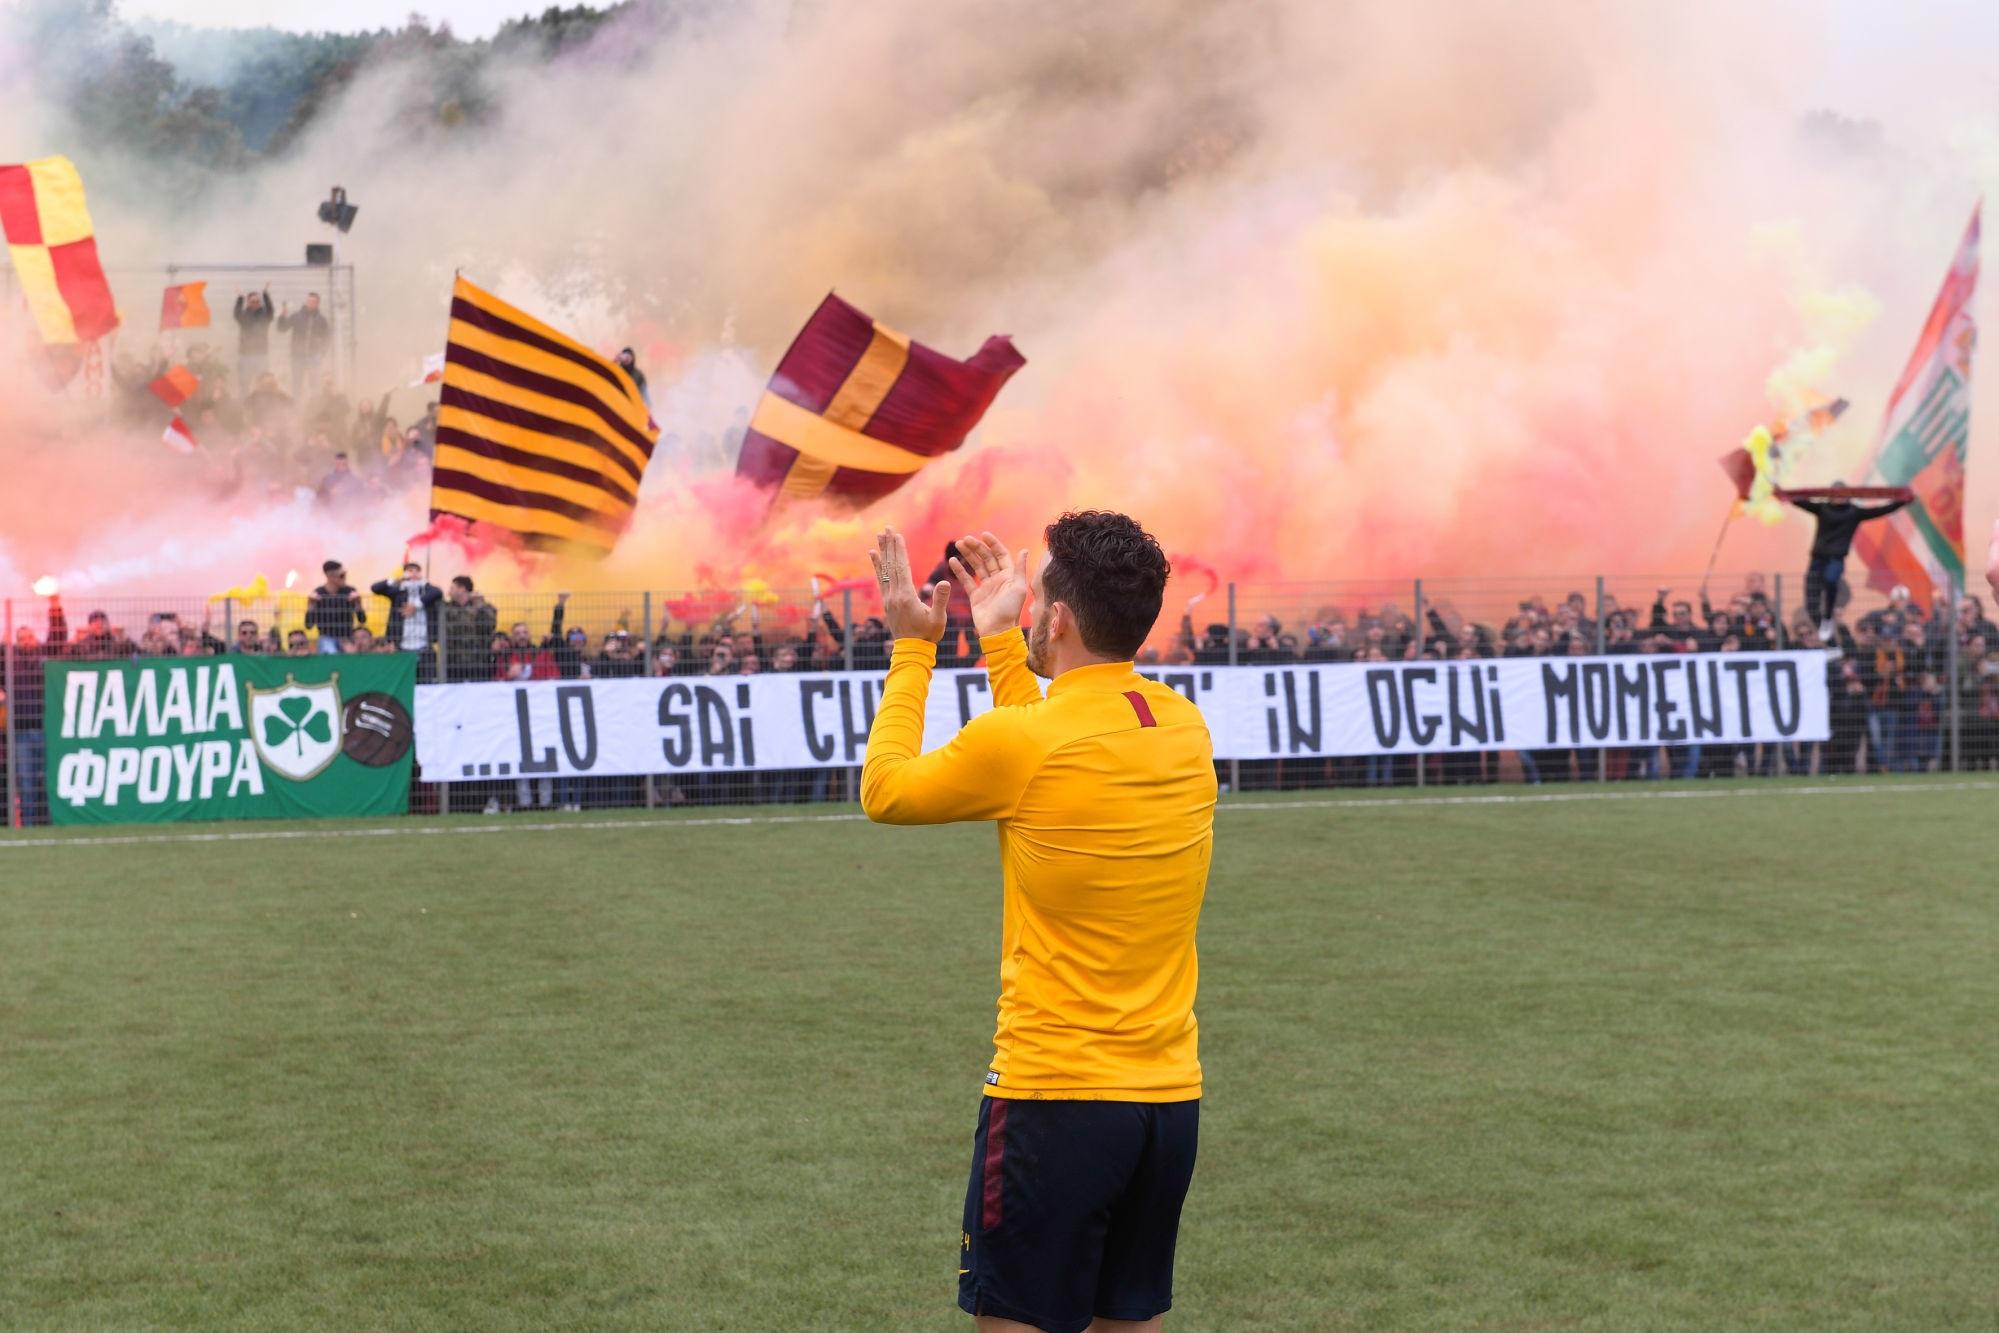 Exclu - Les chiffres du transfert de Florenzi au PSG